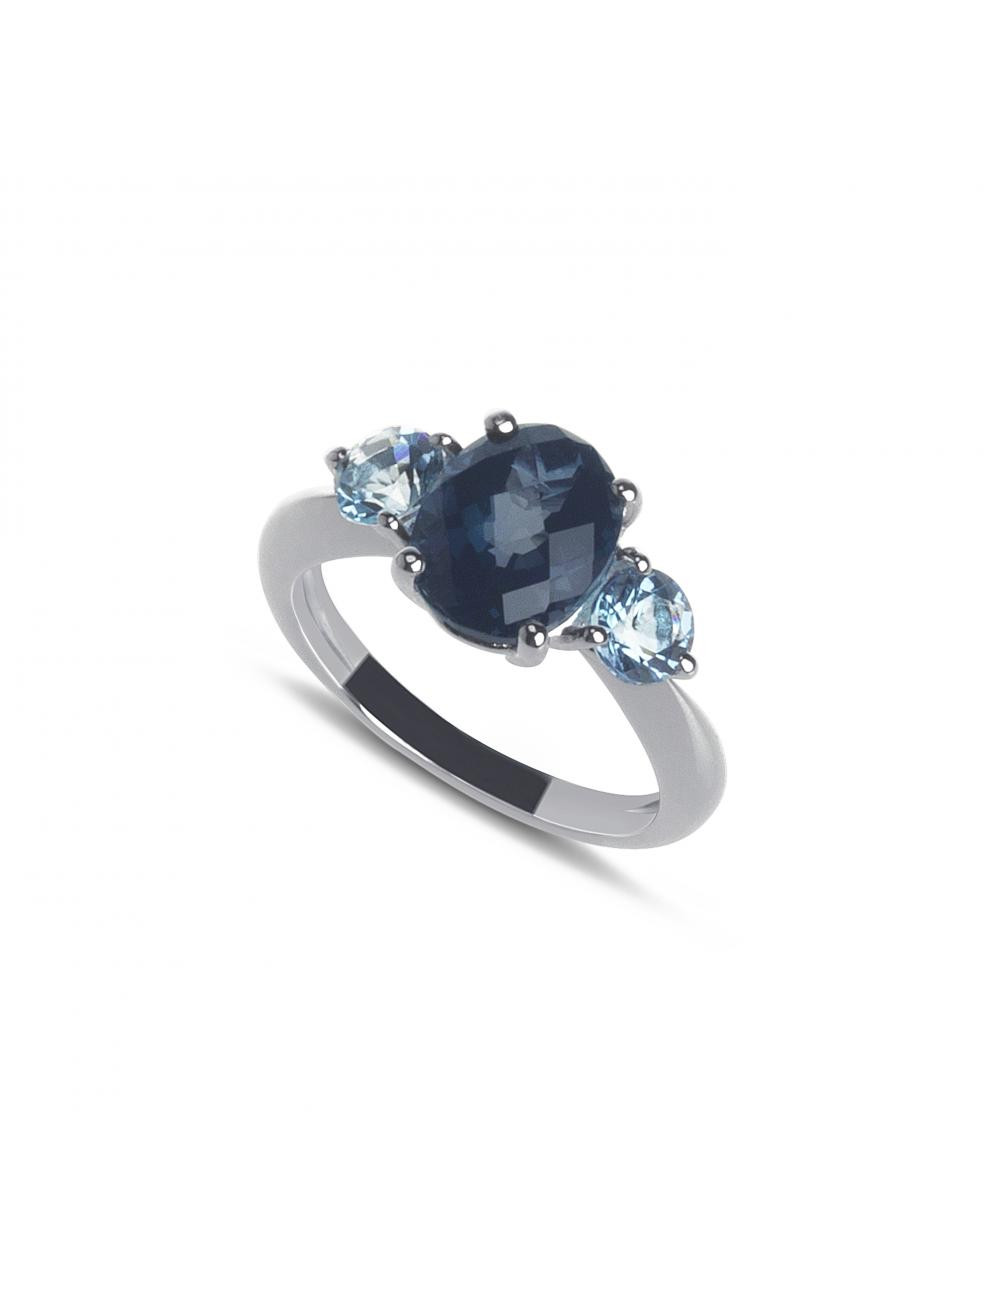 -Anillo oro blanco topacio azul london y suizos -A30-45116MIX11:01